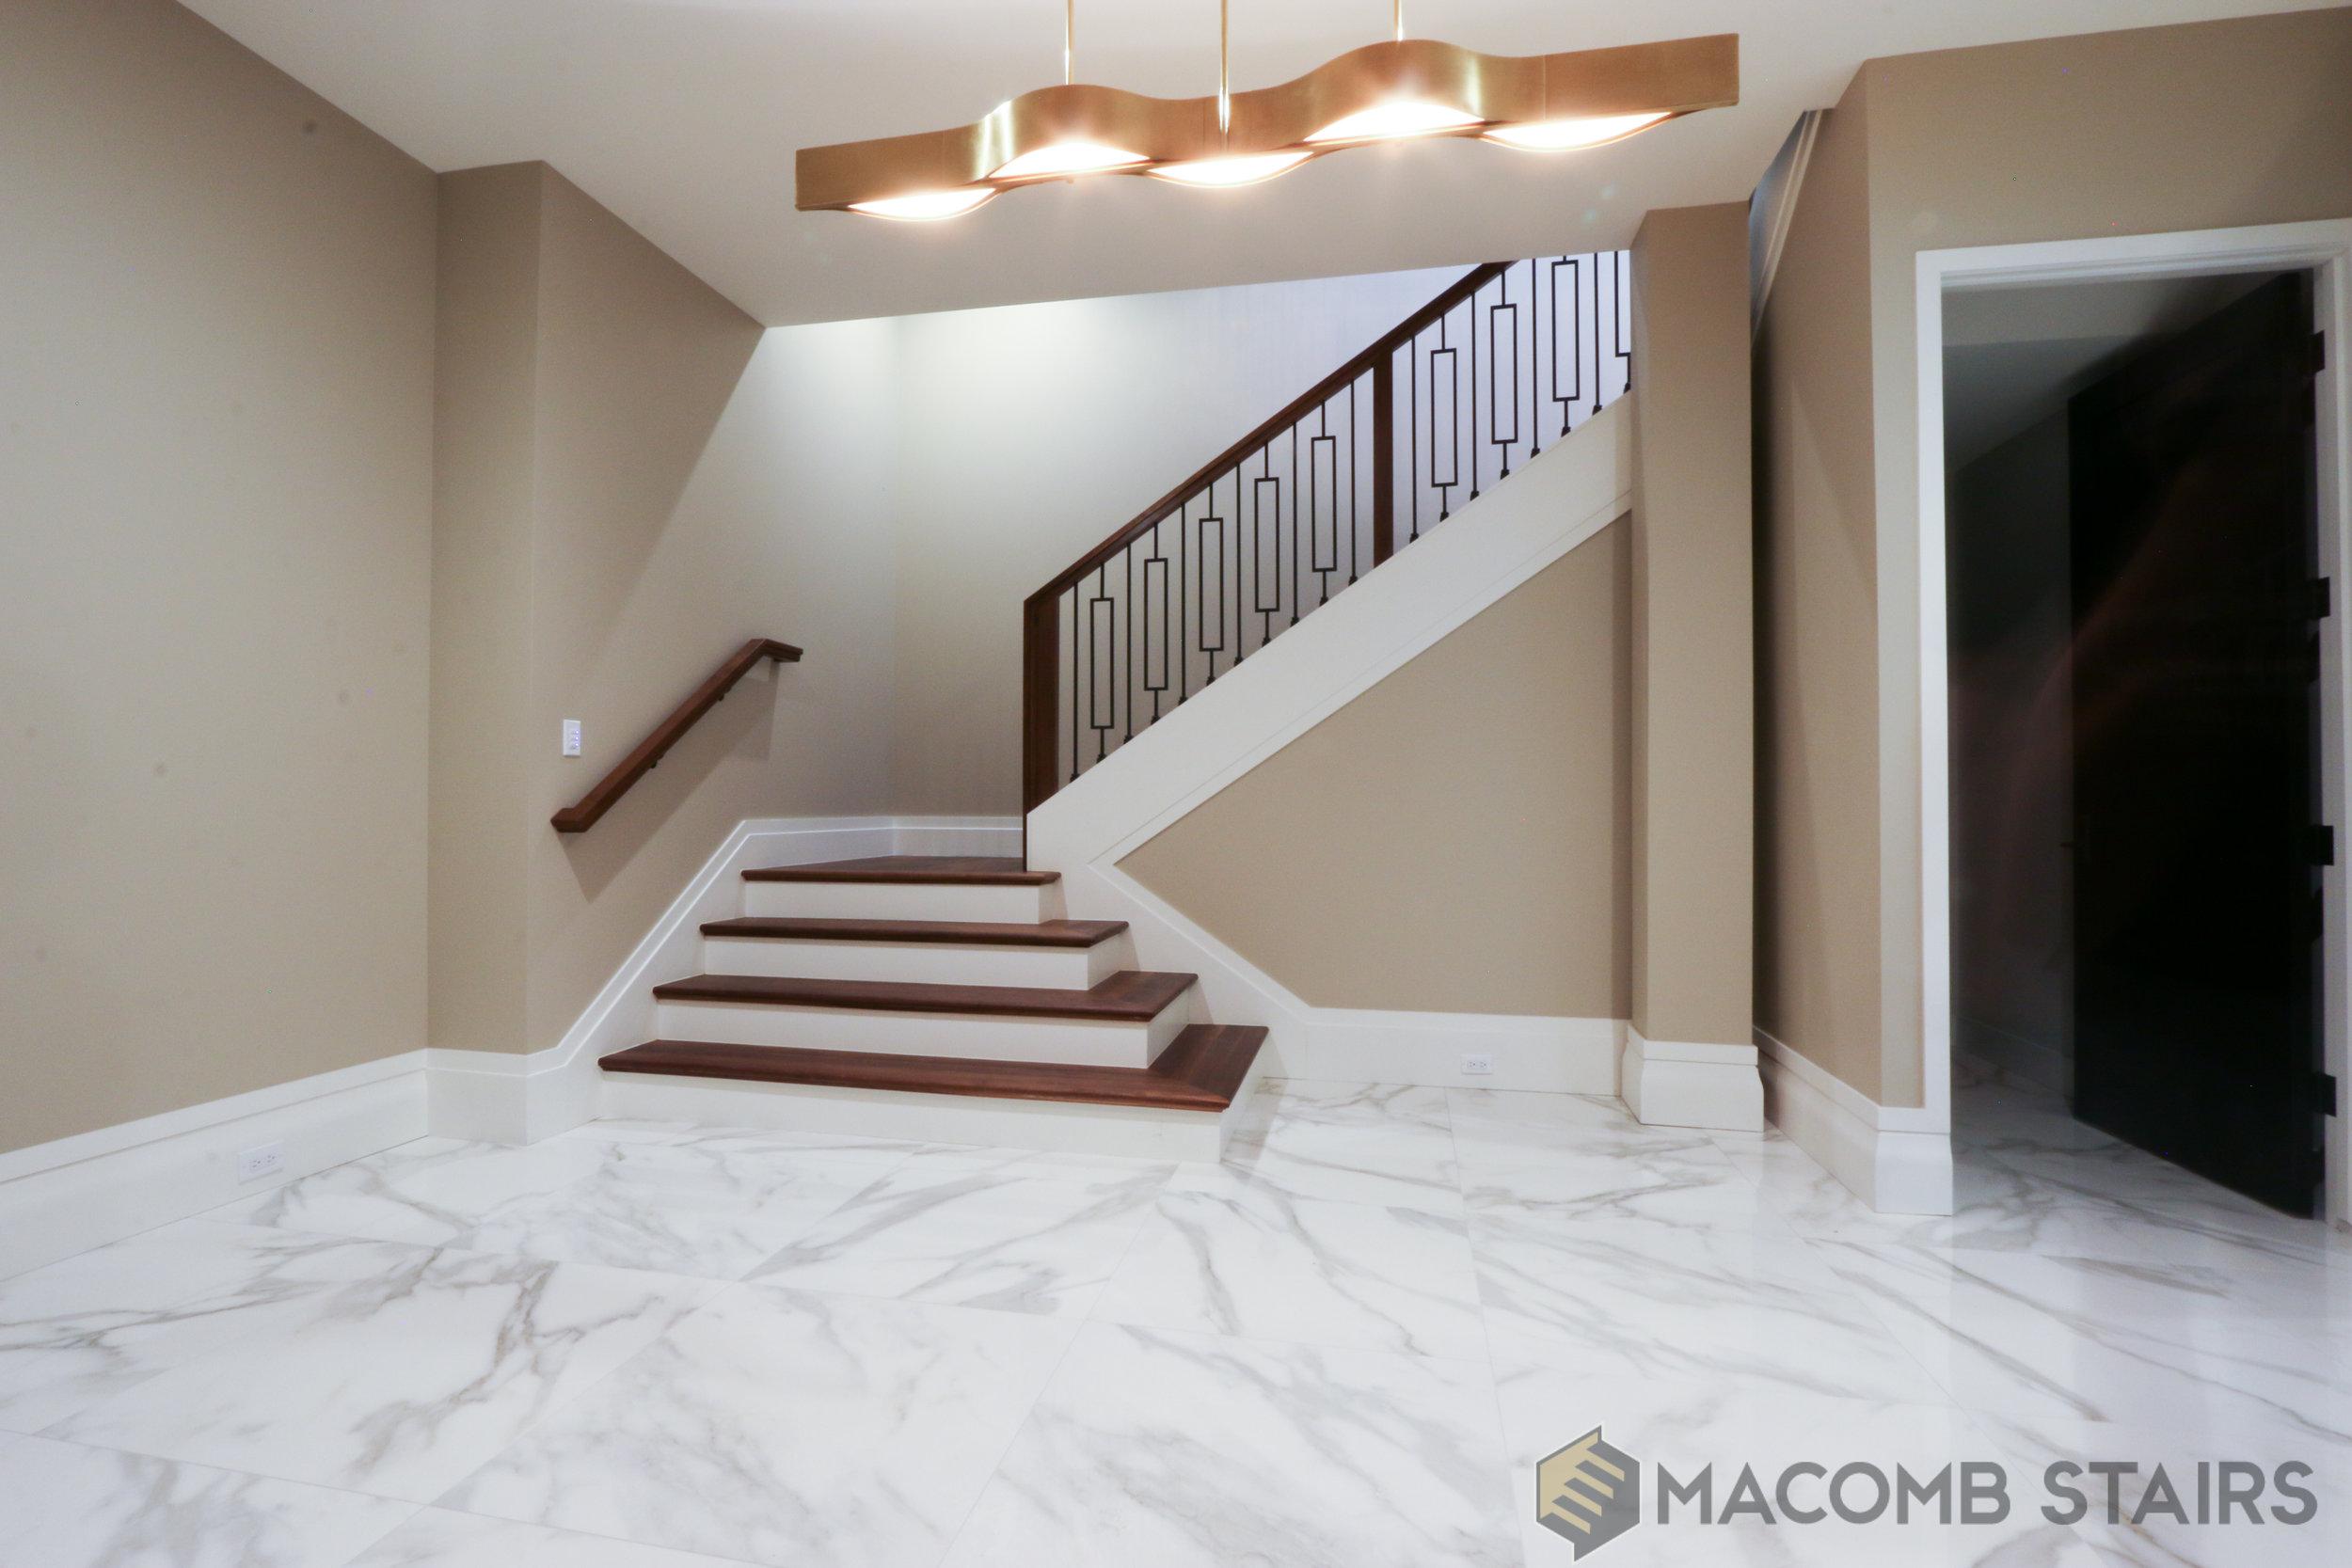 Macimb Stairs- Stair Photo-14.jpg